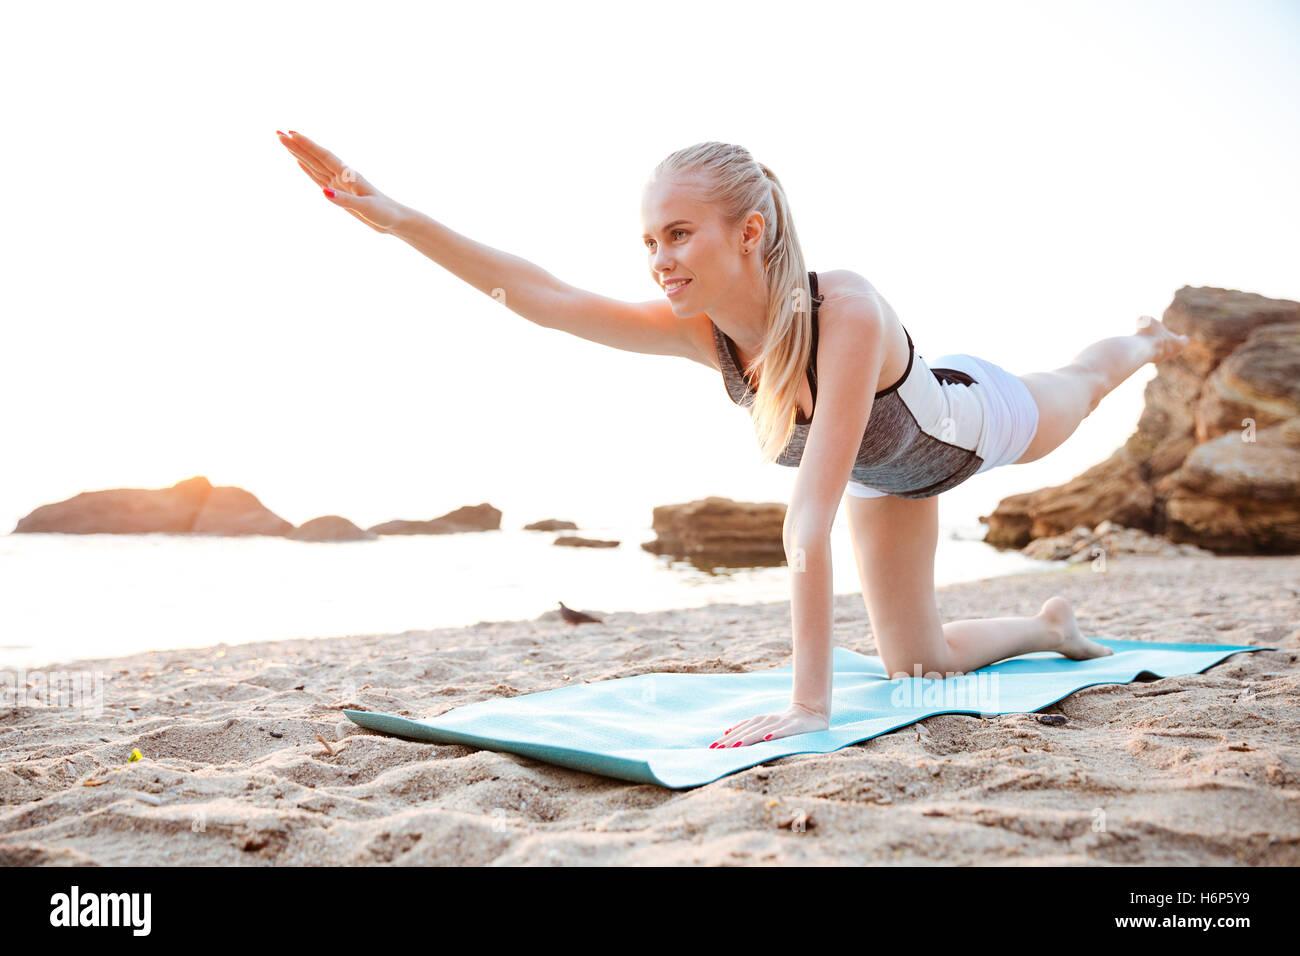 Porträt einer charmanten Frau erstreckt sich auf Yoga-Matte am Strand am Morgen Stockfoto